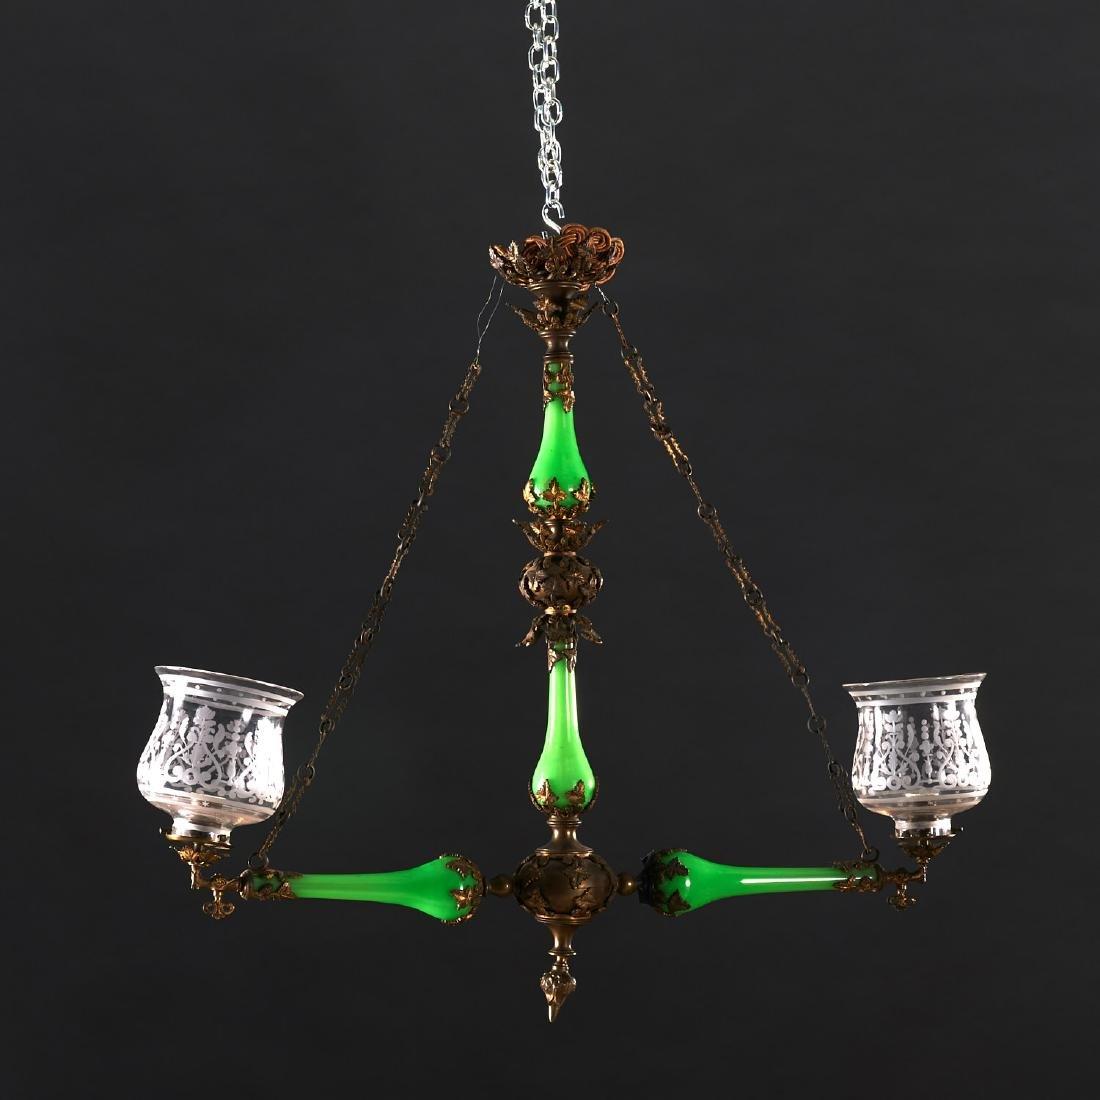 Louis Philippe green opaline glass chandelier